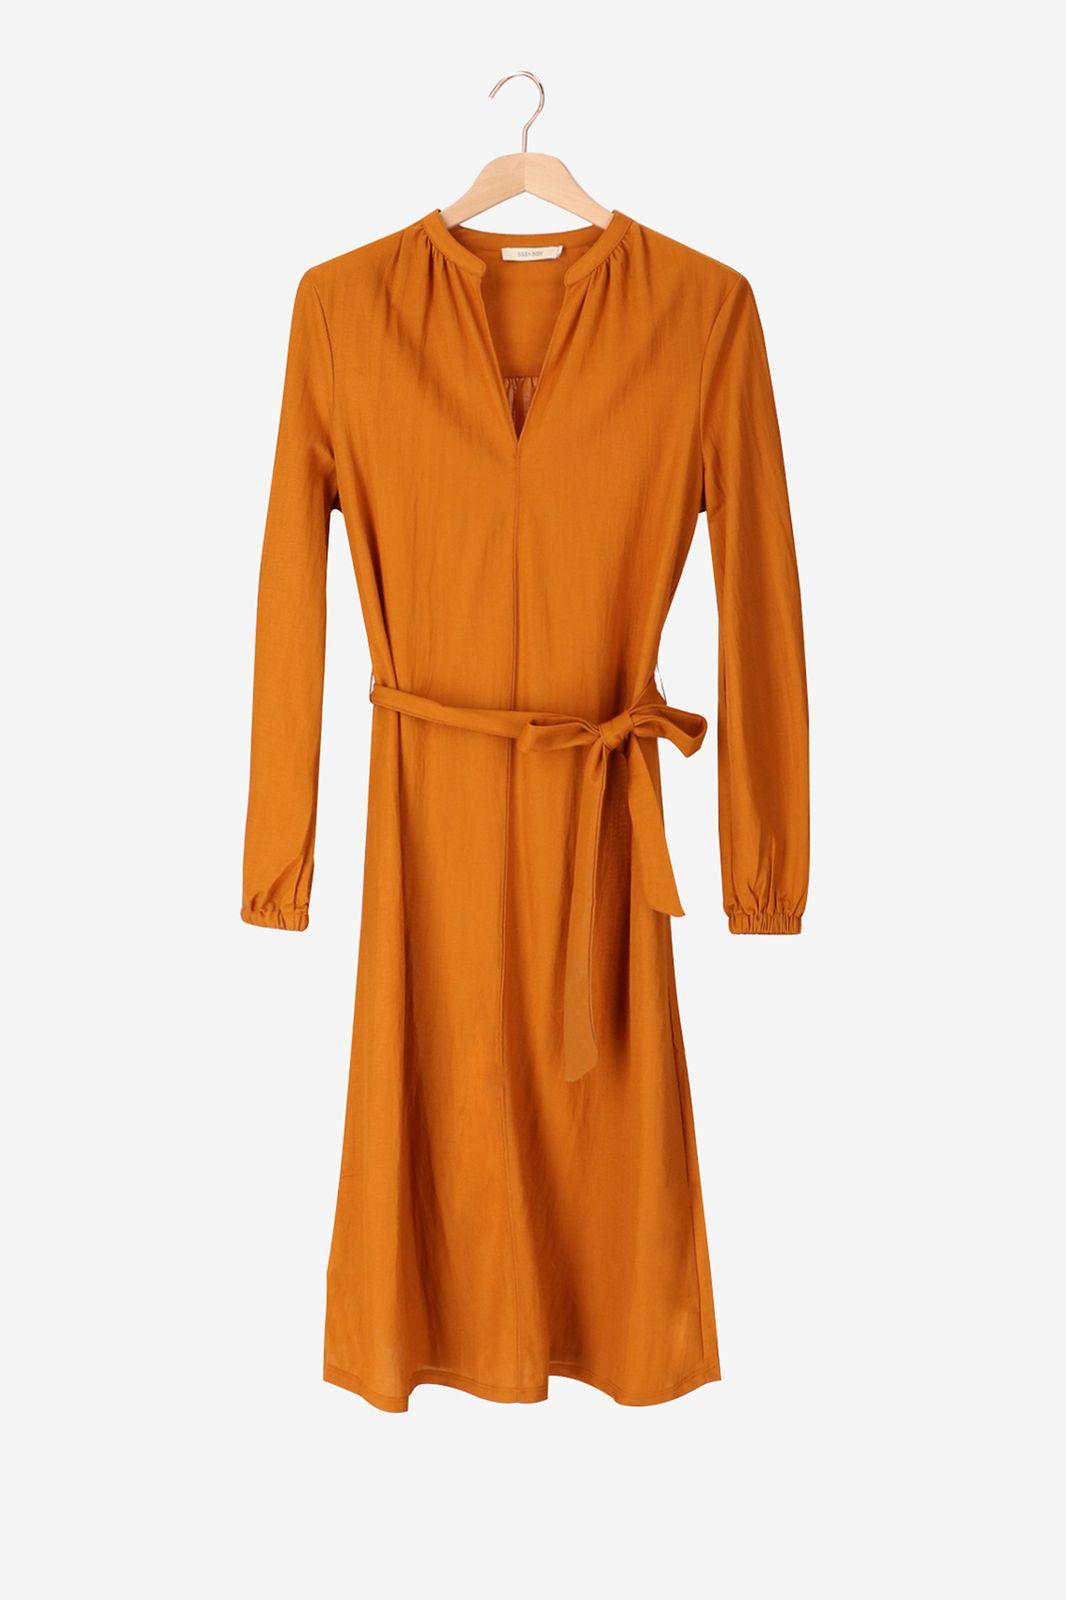 Roestbruine midi jurk met riempje